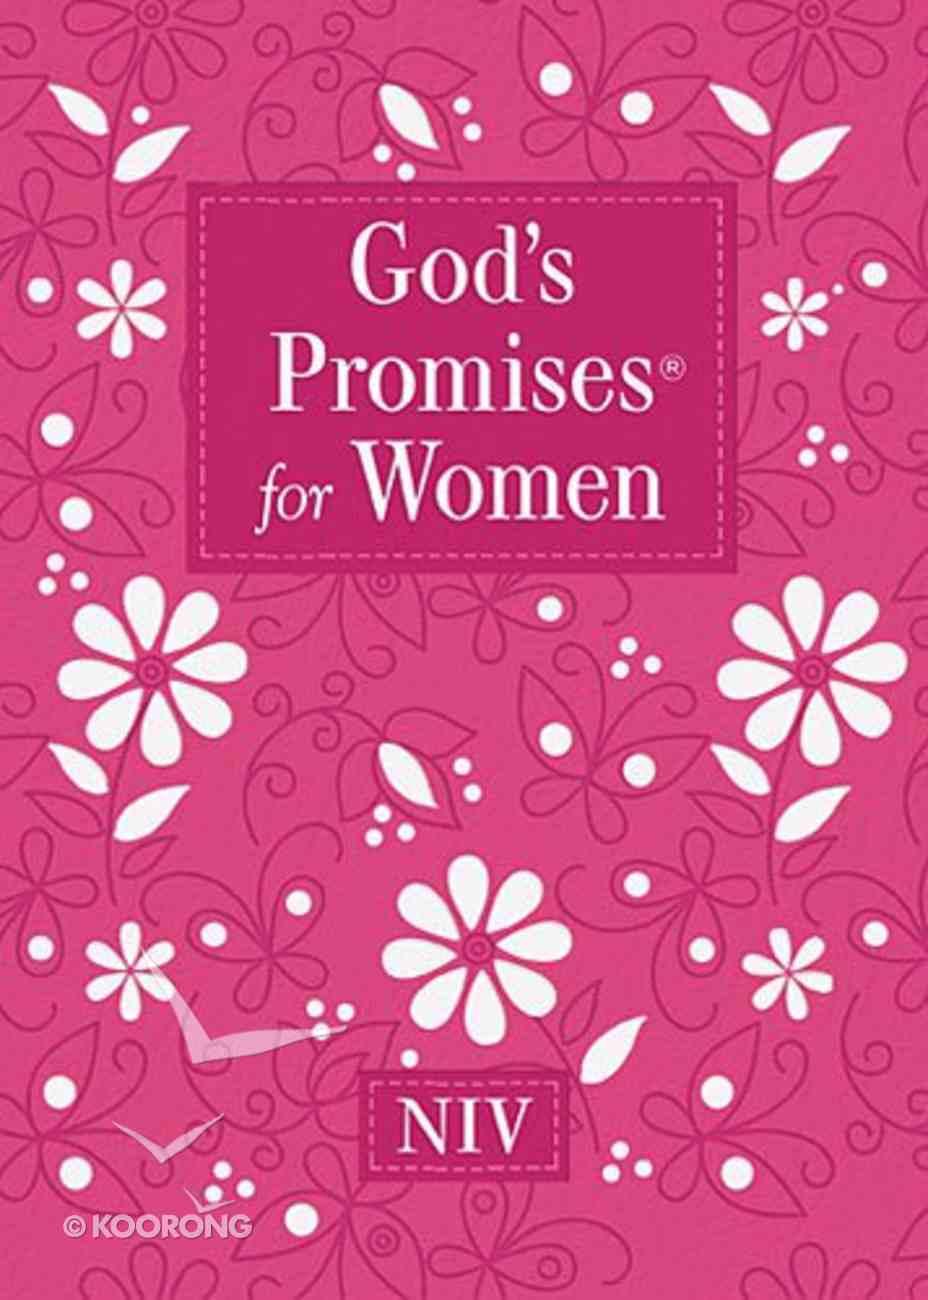 God's Promises For Women (Niv) Imitation Leather